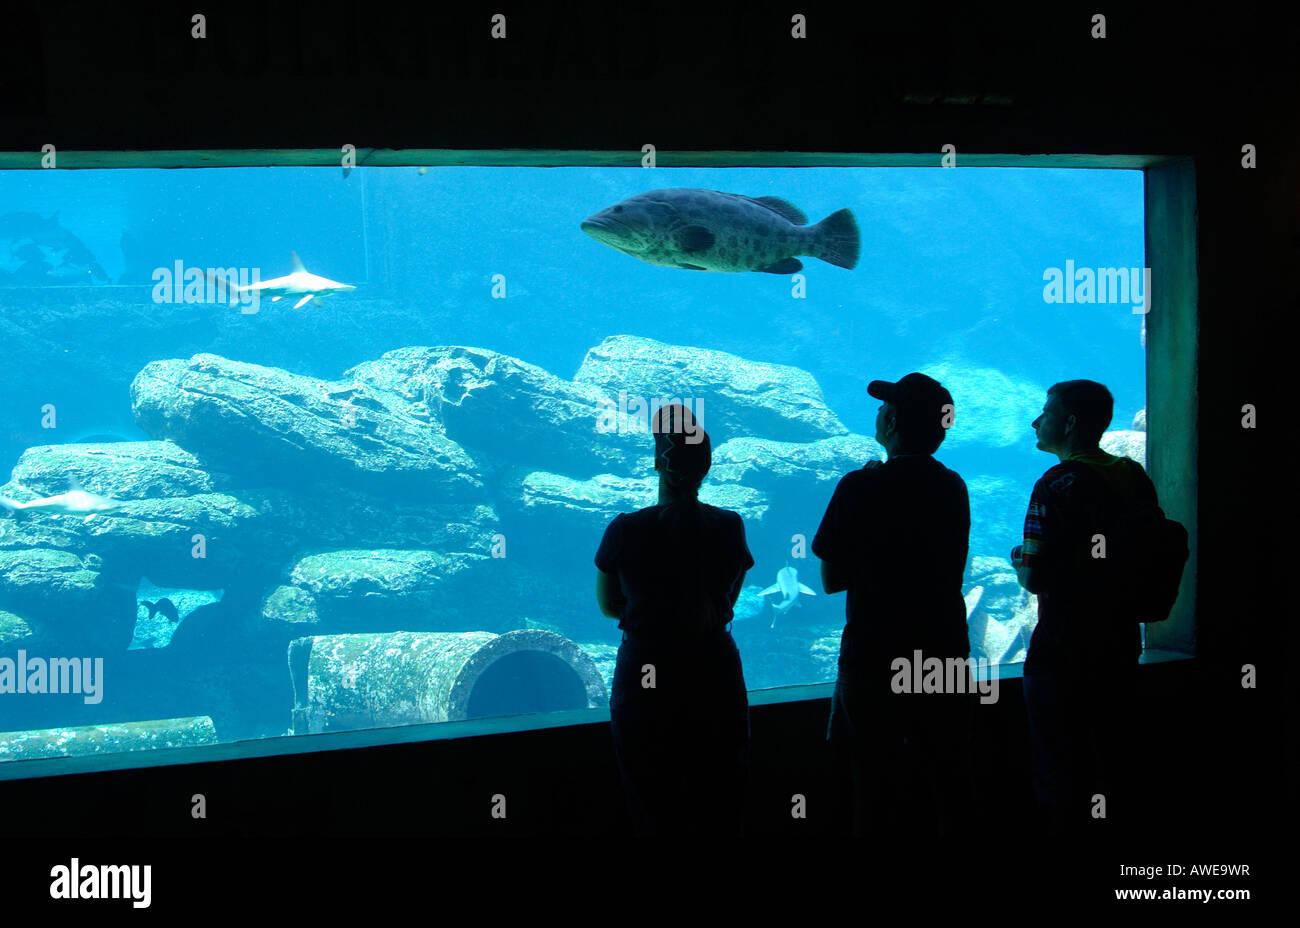 Visitors at the shipwrecked-themed Sea World Aquarium, uShaka Marine World, Durban, South Africa - Stock Image